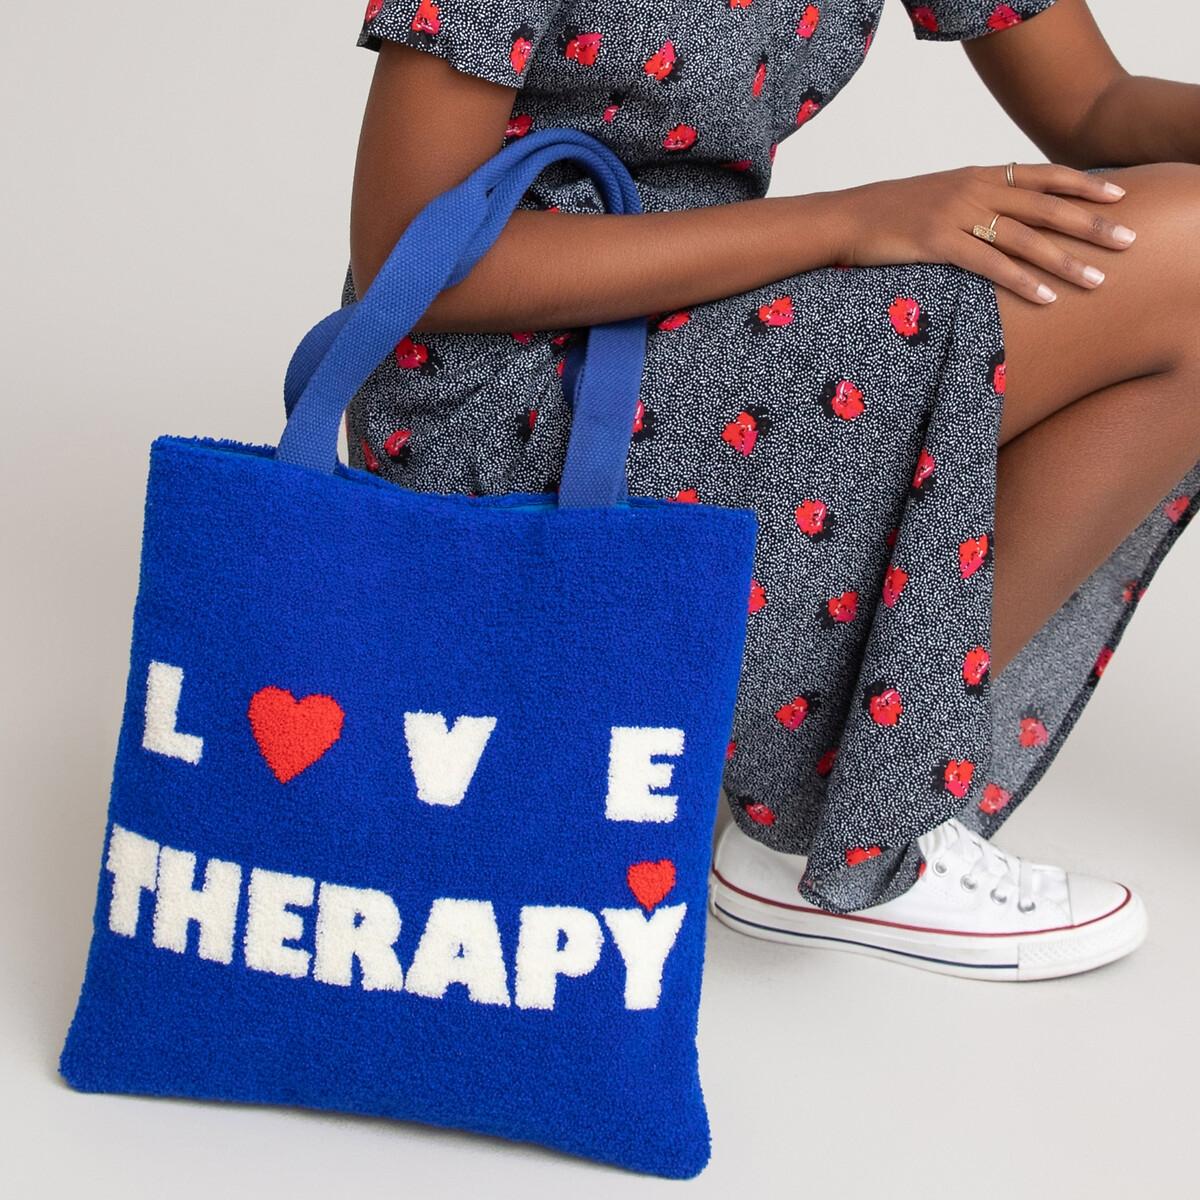 Фото - Сумка LaRedoute Пушистая единый размер синий сумка шоппер laredoute из льна с блесками единый размер синий